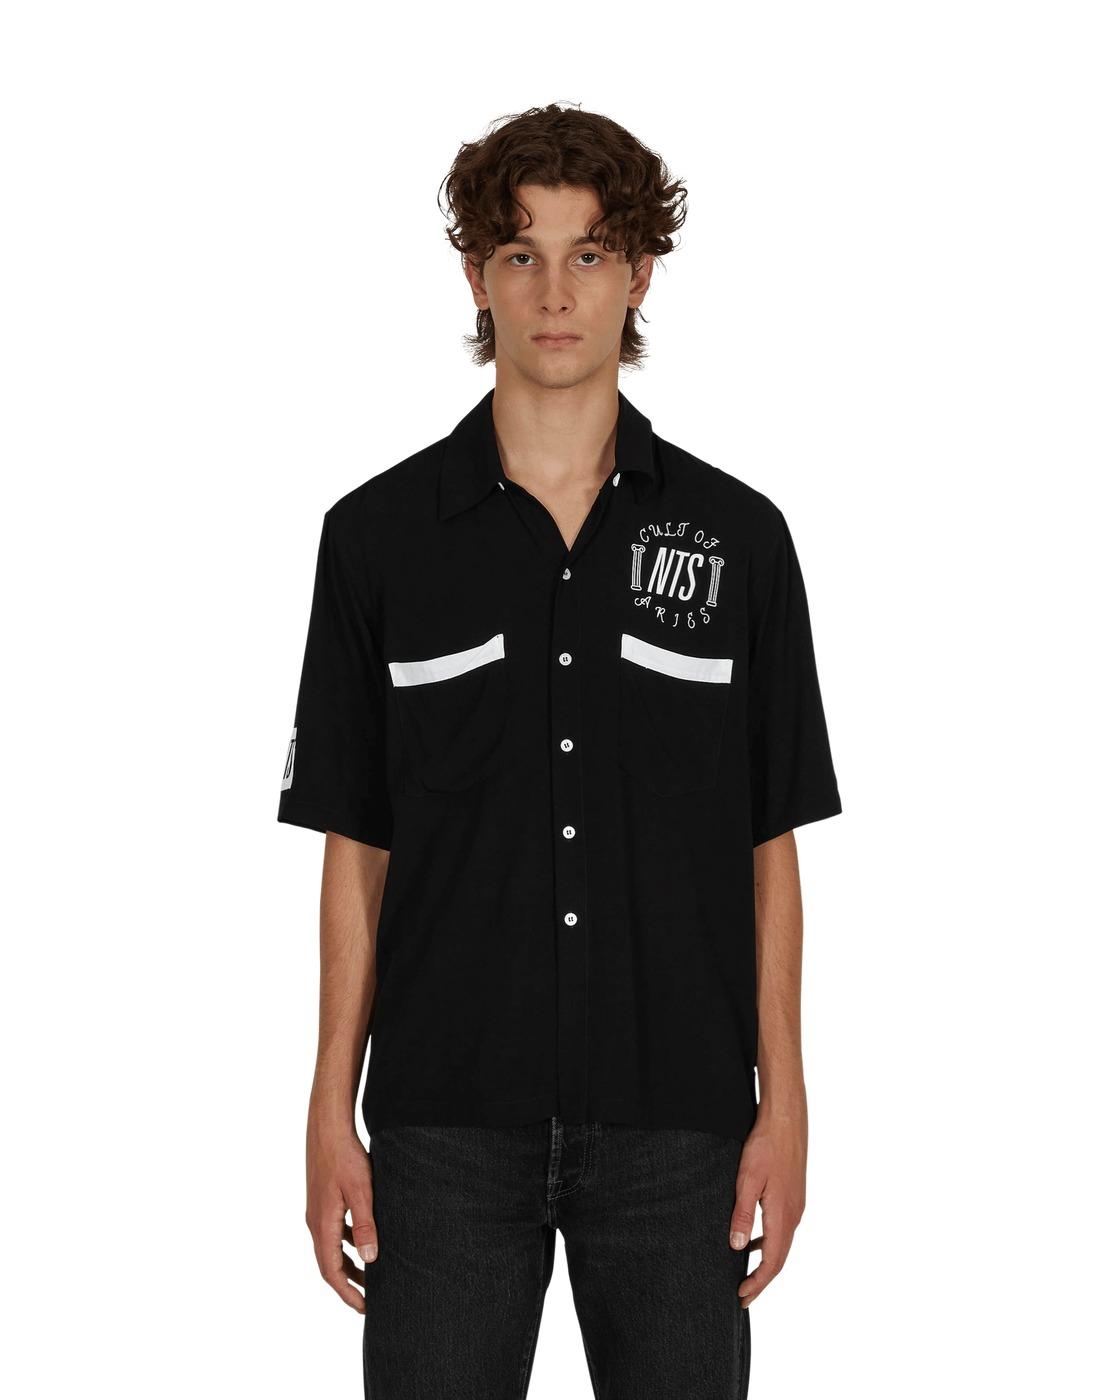 Aries Nts Bowling Hawaiian Shirt Black